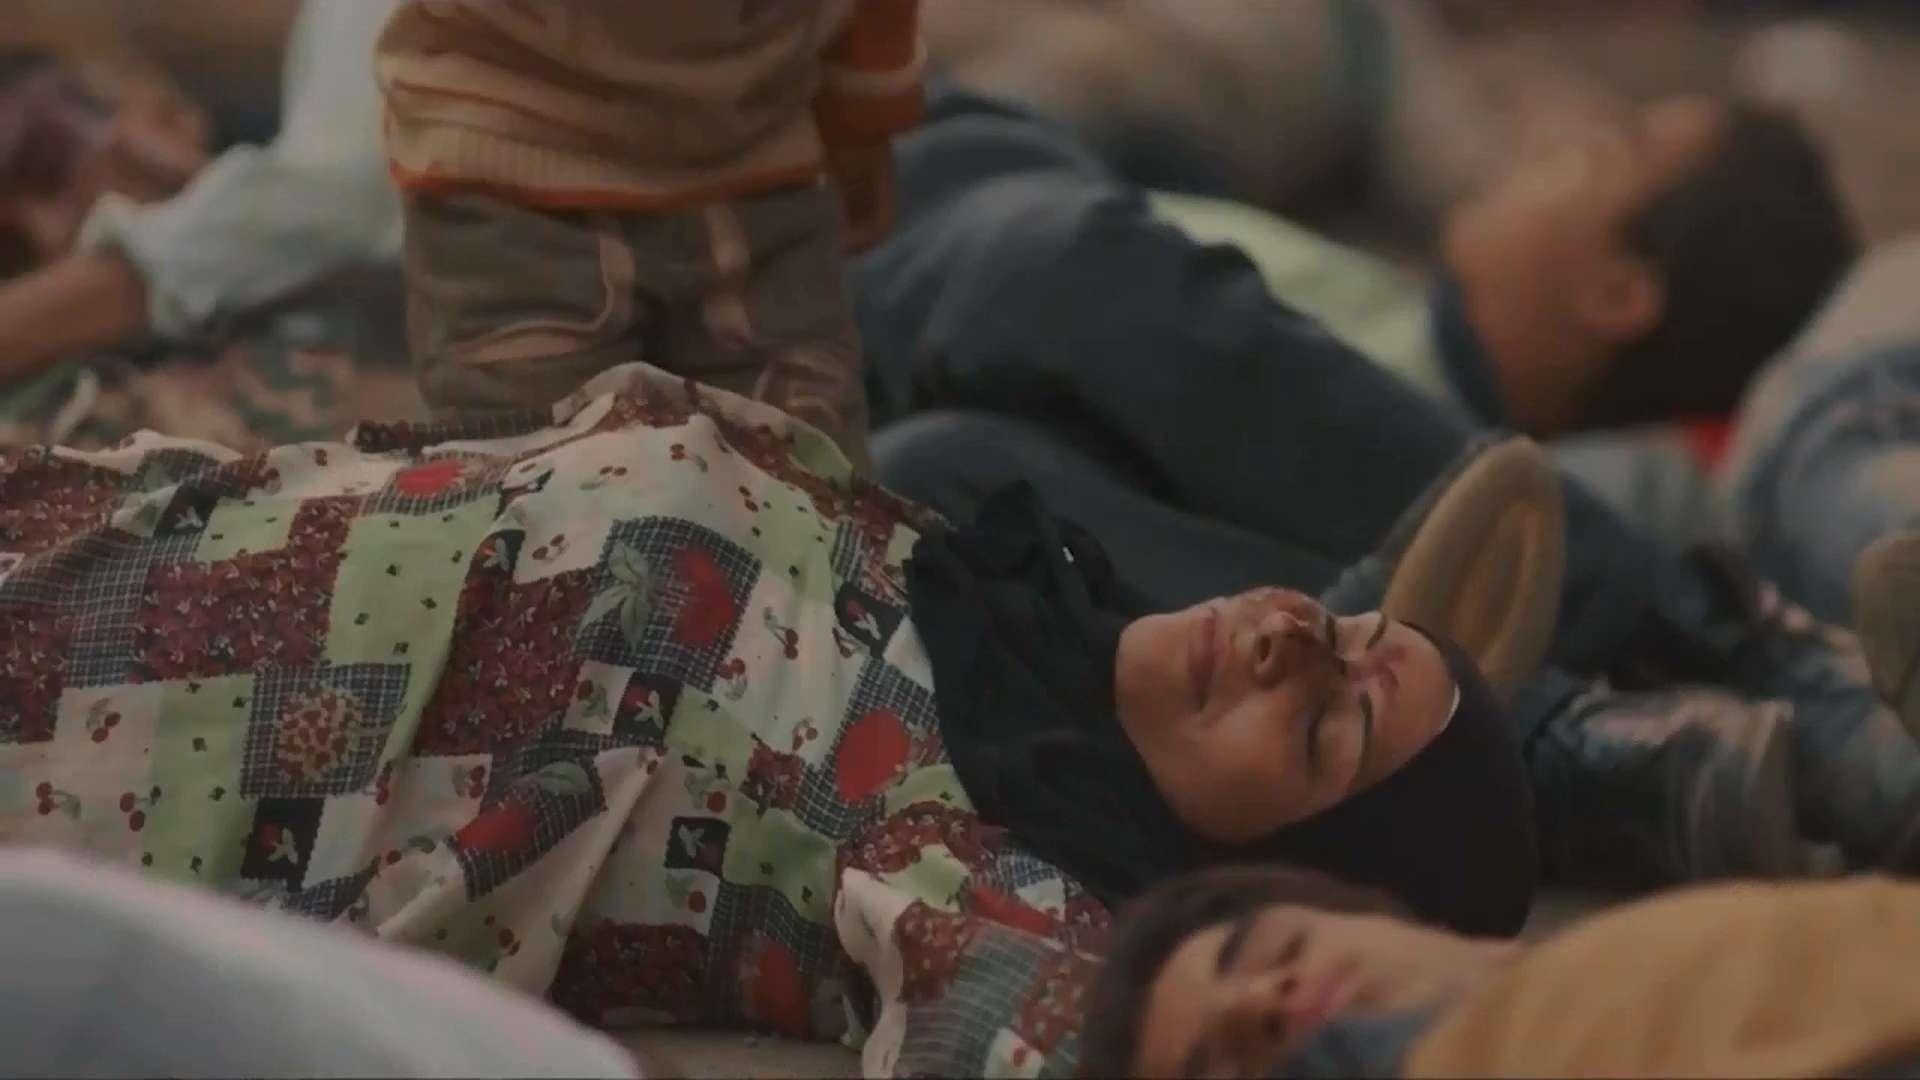 [فيلم][تورنت][تحميل][سوق الجمعة][2018][1080p][HDTV] 5 arabp2p.com